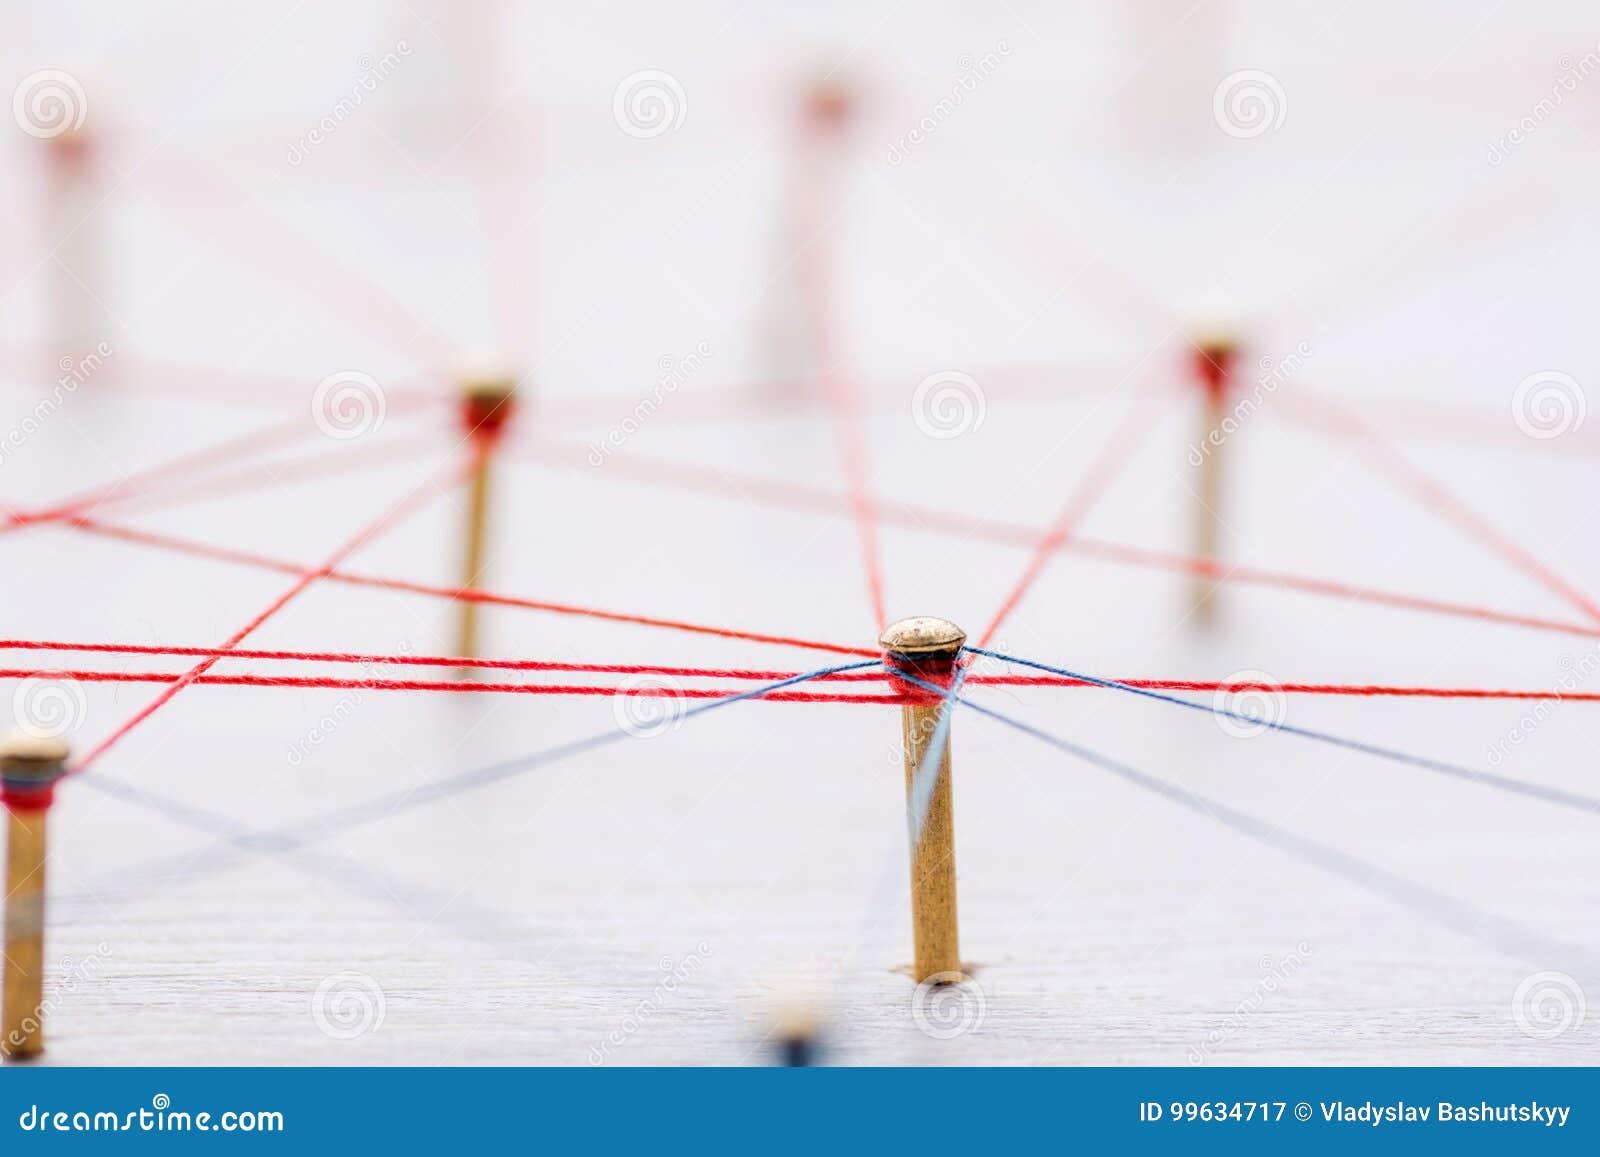 Achtergrond Abstract concept netwerk, sociale media, Internet, groepswerk, mededeling Langs verbonden spijkers